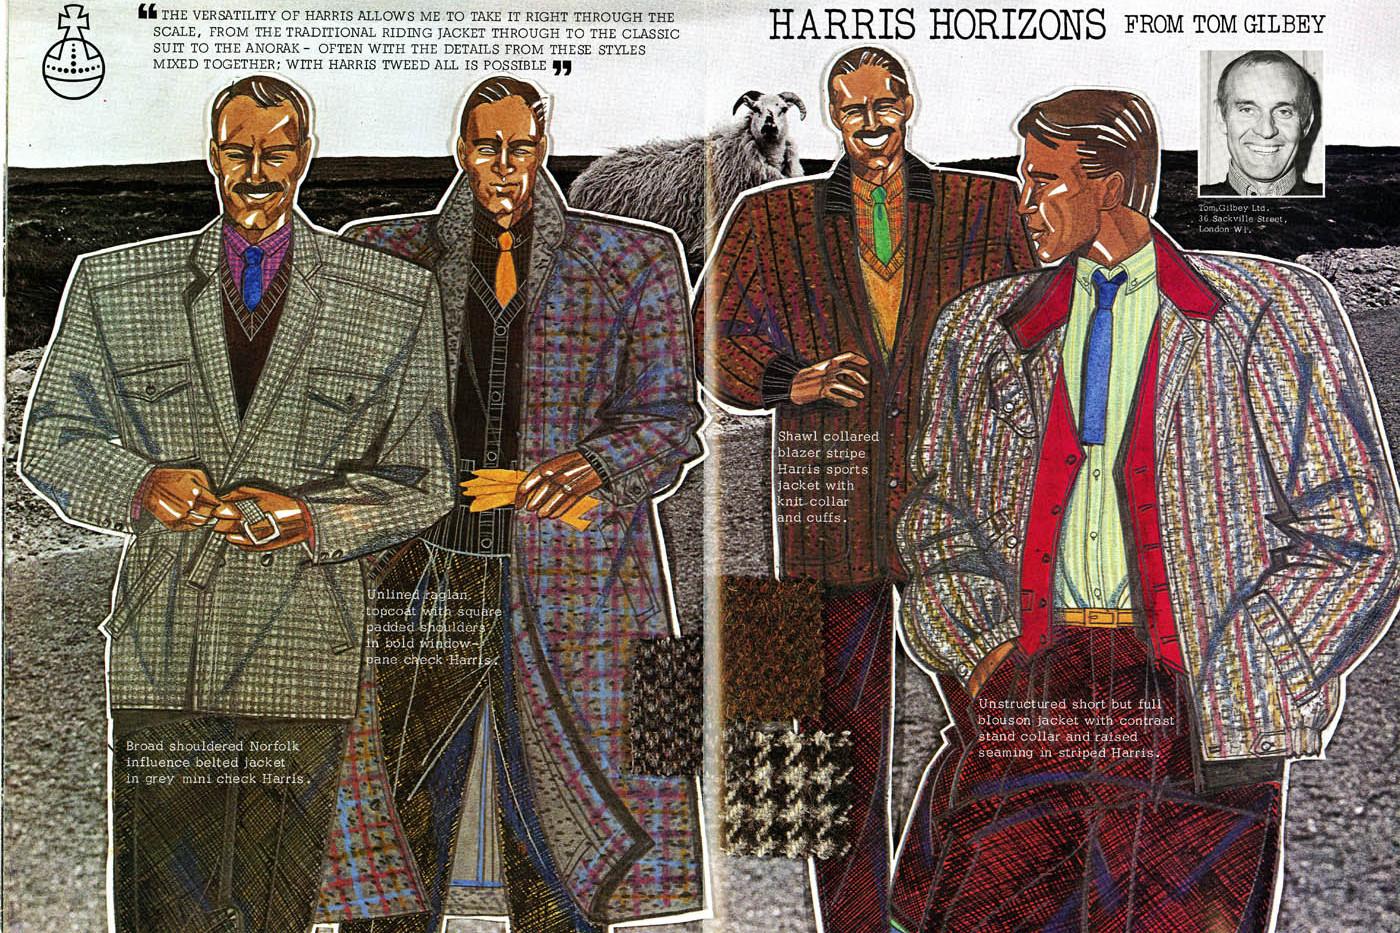 Harris Horizons Magazine